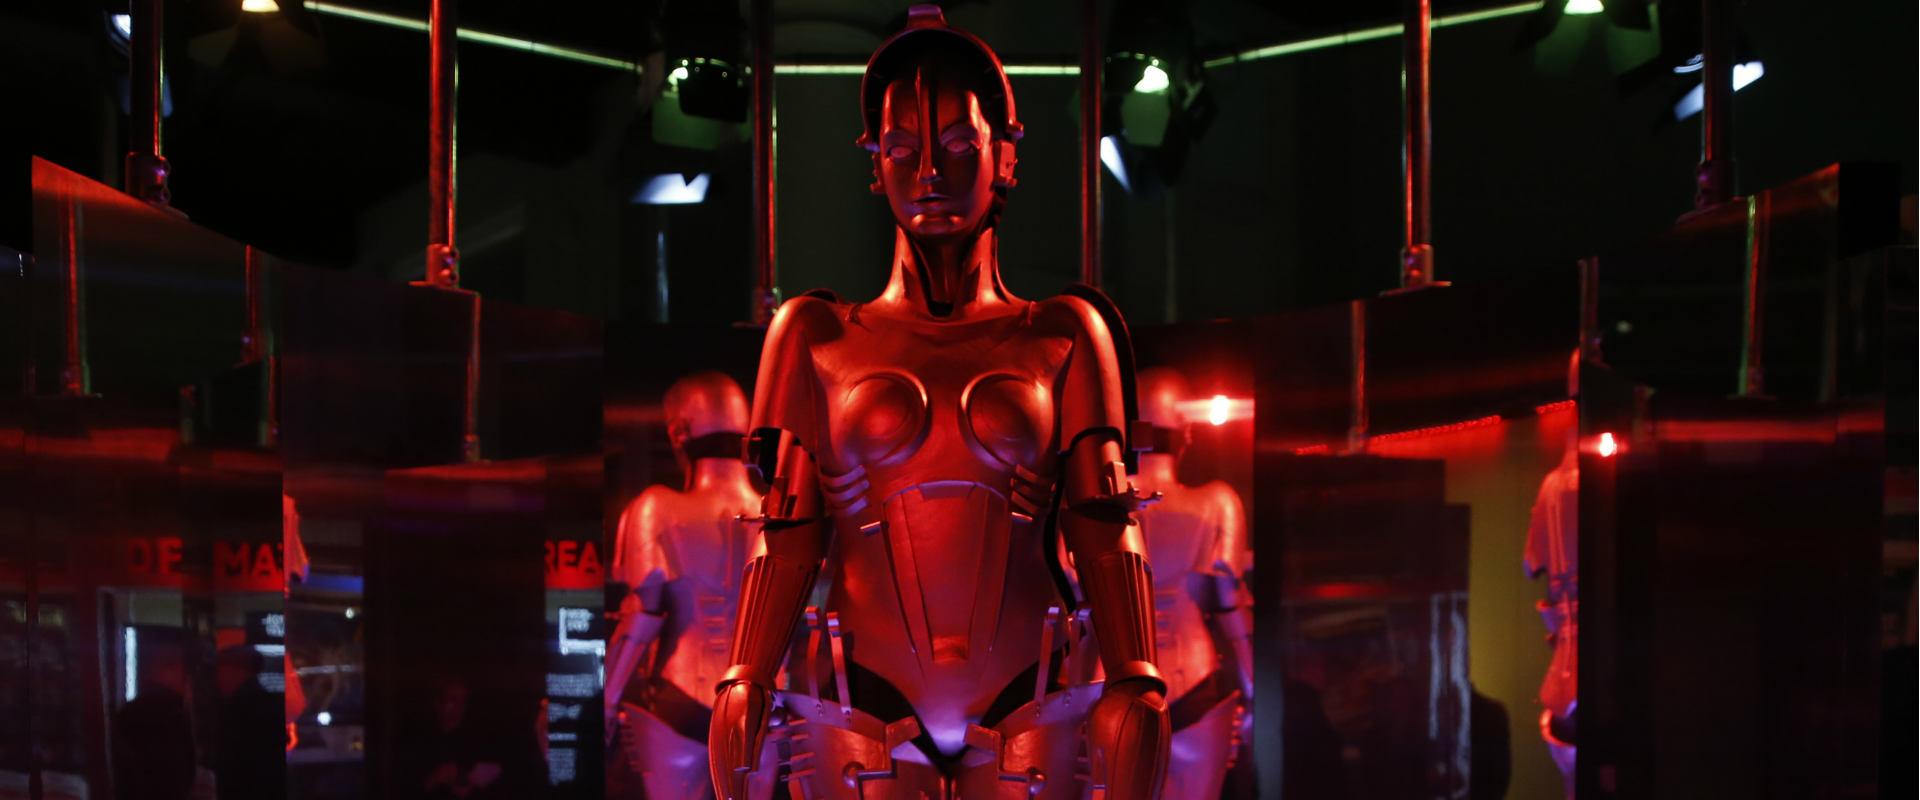 תערוכת רובוטים בבריטניה